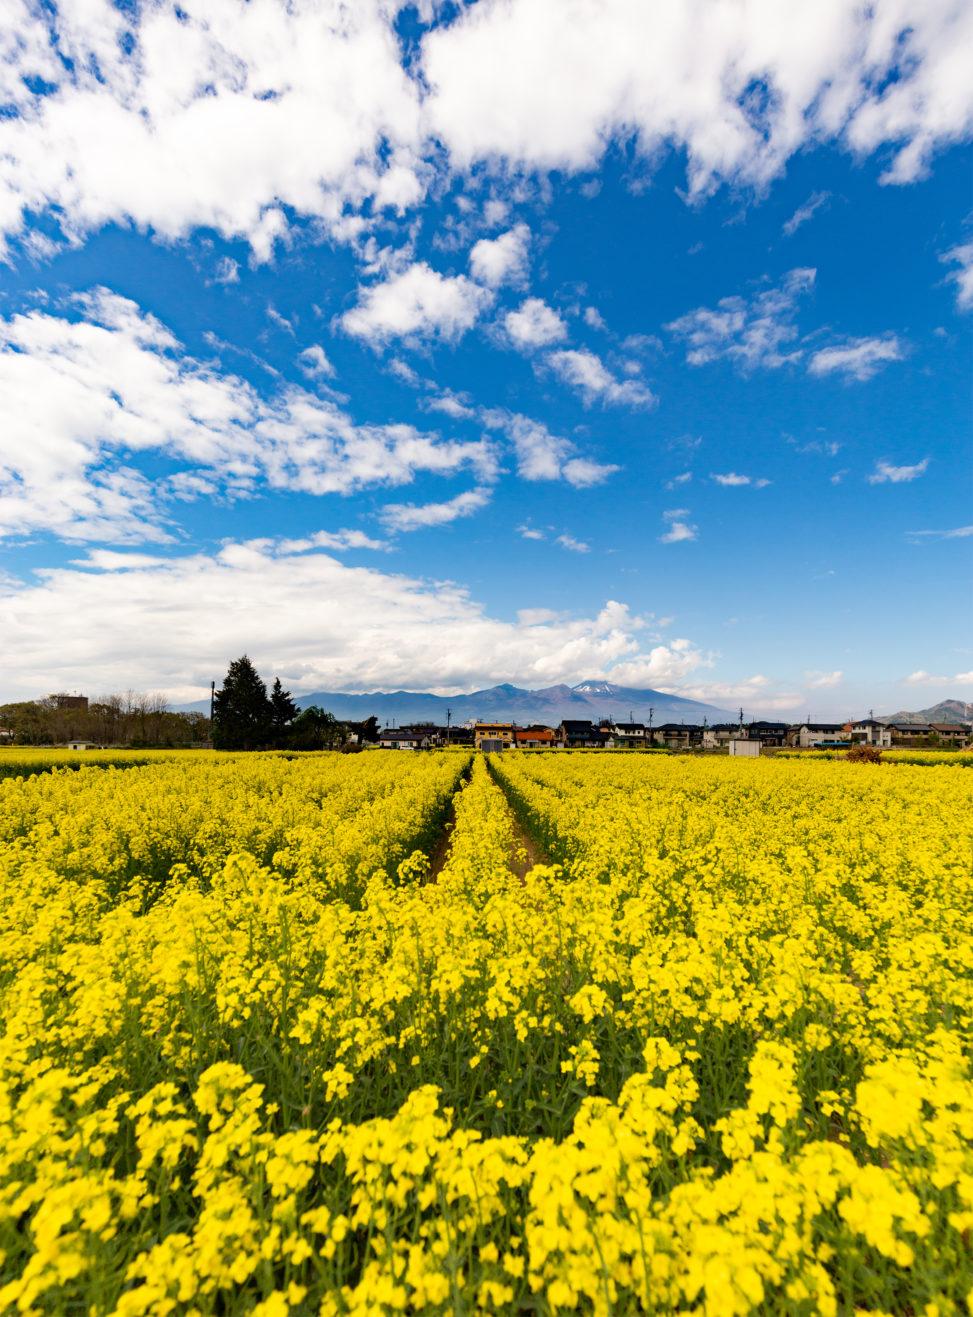 ダイナミックな空と一面の菜の花畑のフリー写真素材